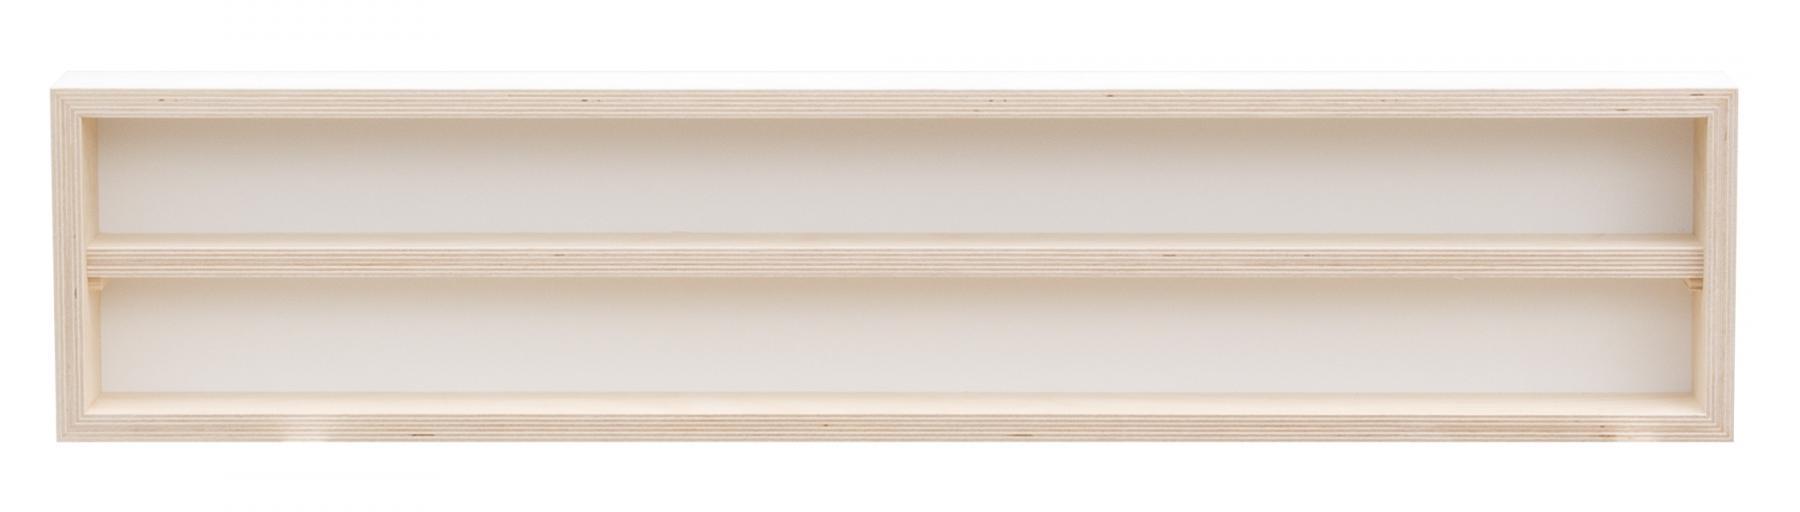 pihami sammler vitrine 120 cm lange vitrine schaukasten setzkasten pokale usw kaufen bei. Black Bedroom Furniture Sets. Home Design Ideas